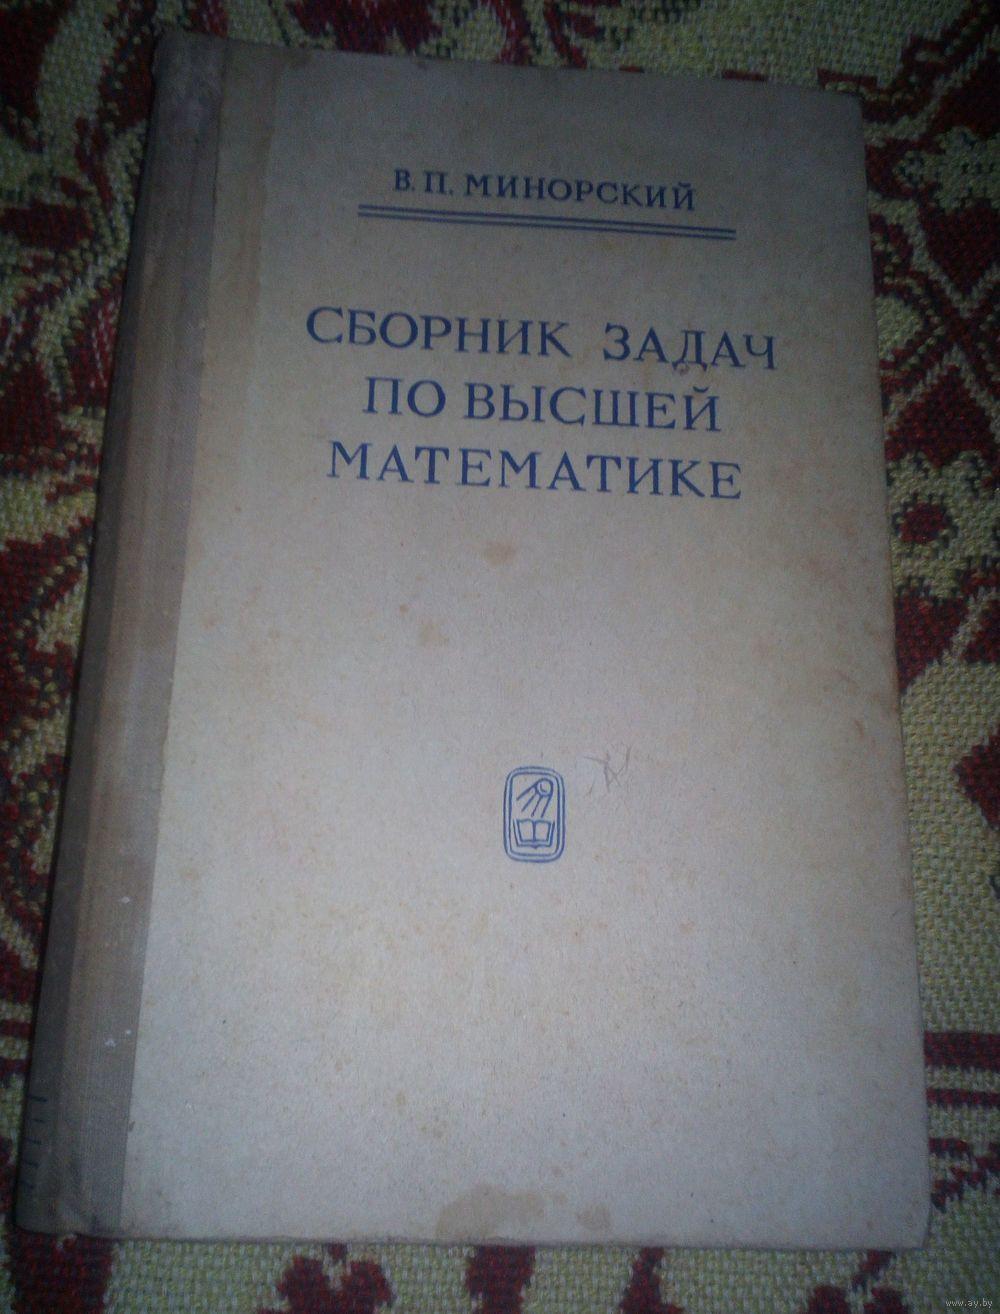 сборник решебник 1703 задач № высшей математике по минорский